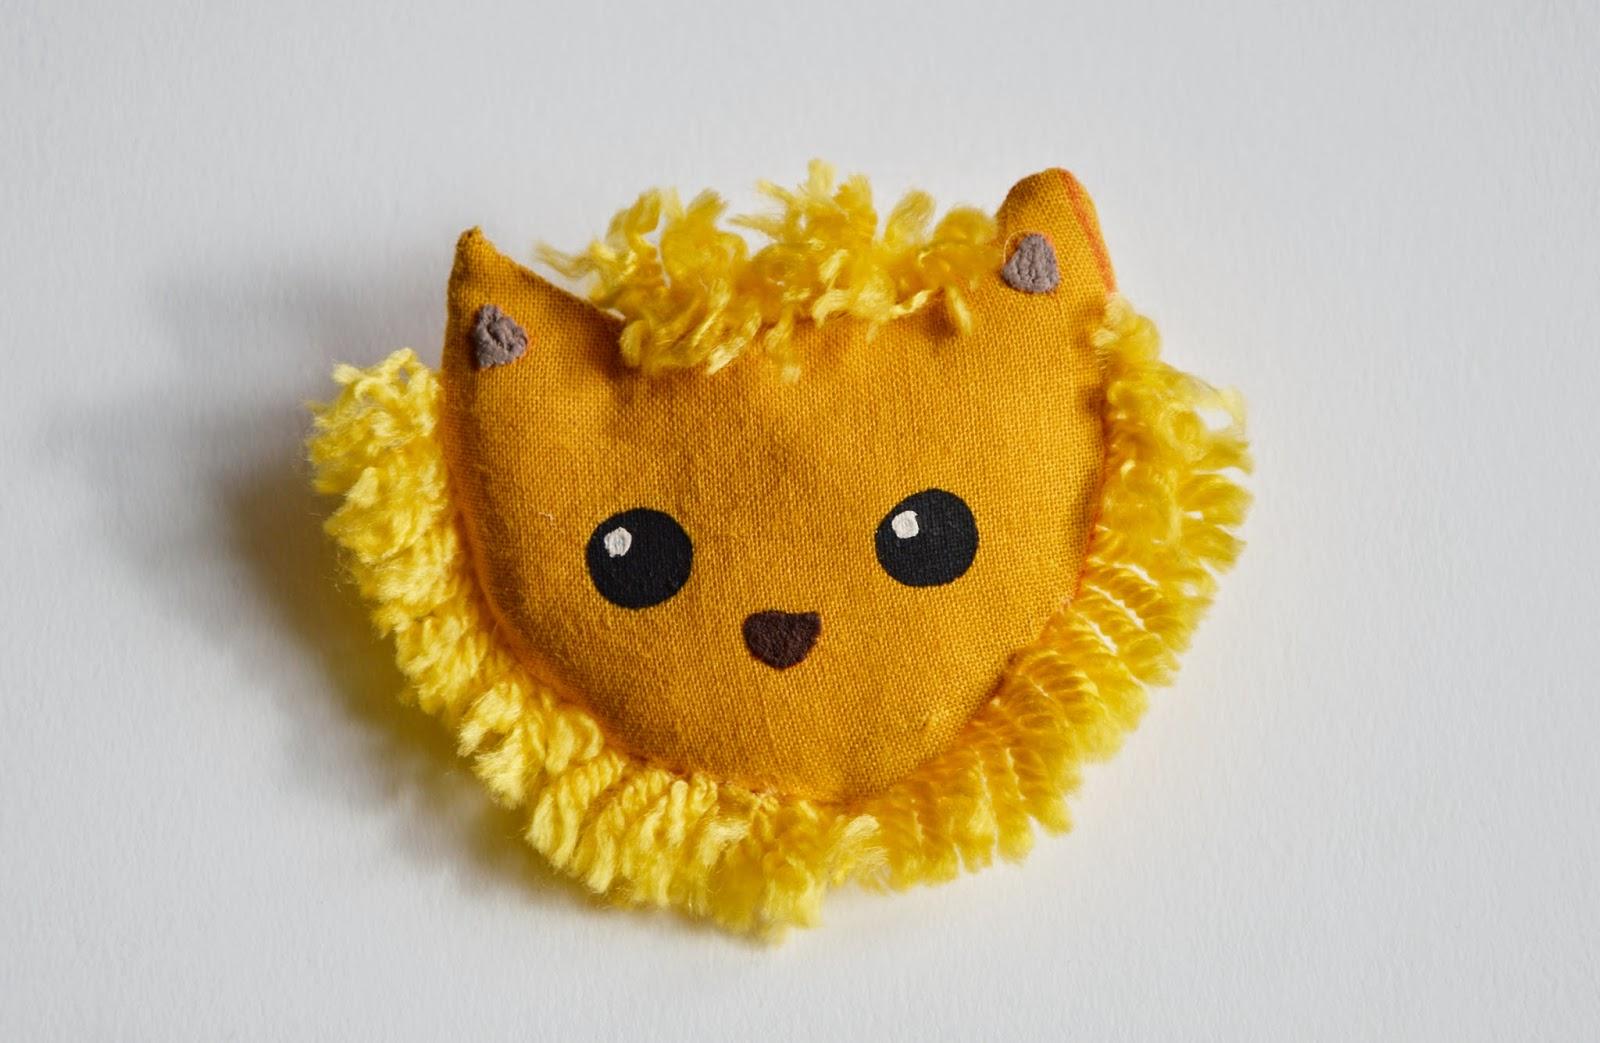 https://www.etsy.com/fr/listing/228371531/broche-a-tete-de-lion-jaune-sauvage-en?ref=pr_shop